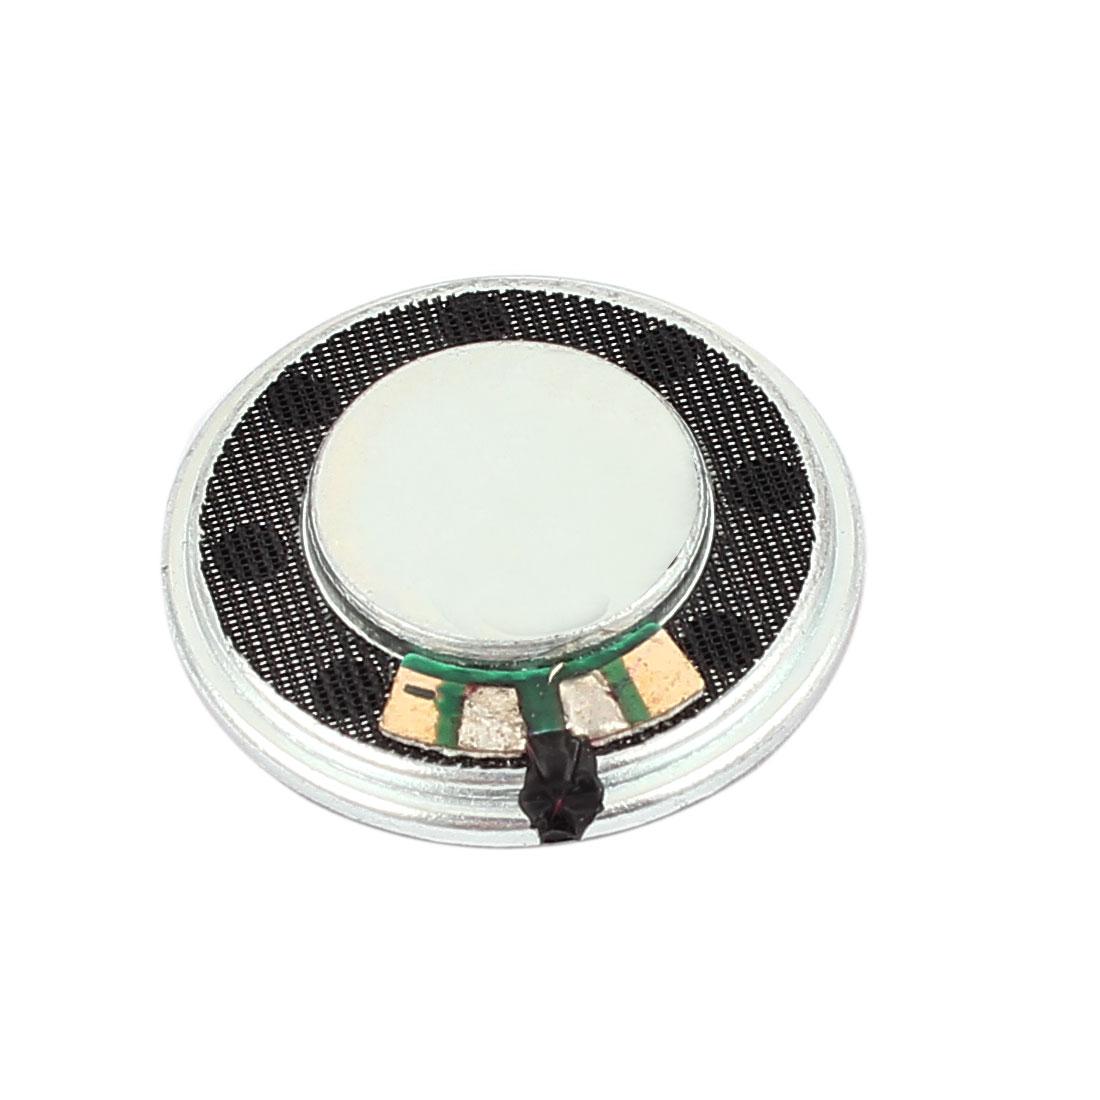 28mm Diameter 4 Ohm 1W Aluminum Shell Internal Magnet Speaker Horn Loudspeaker